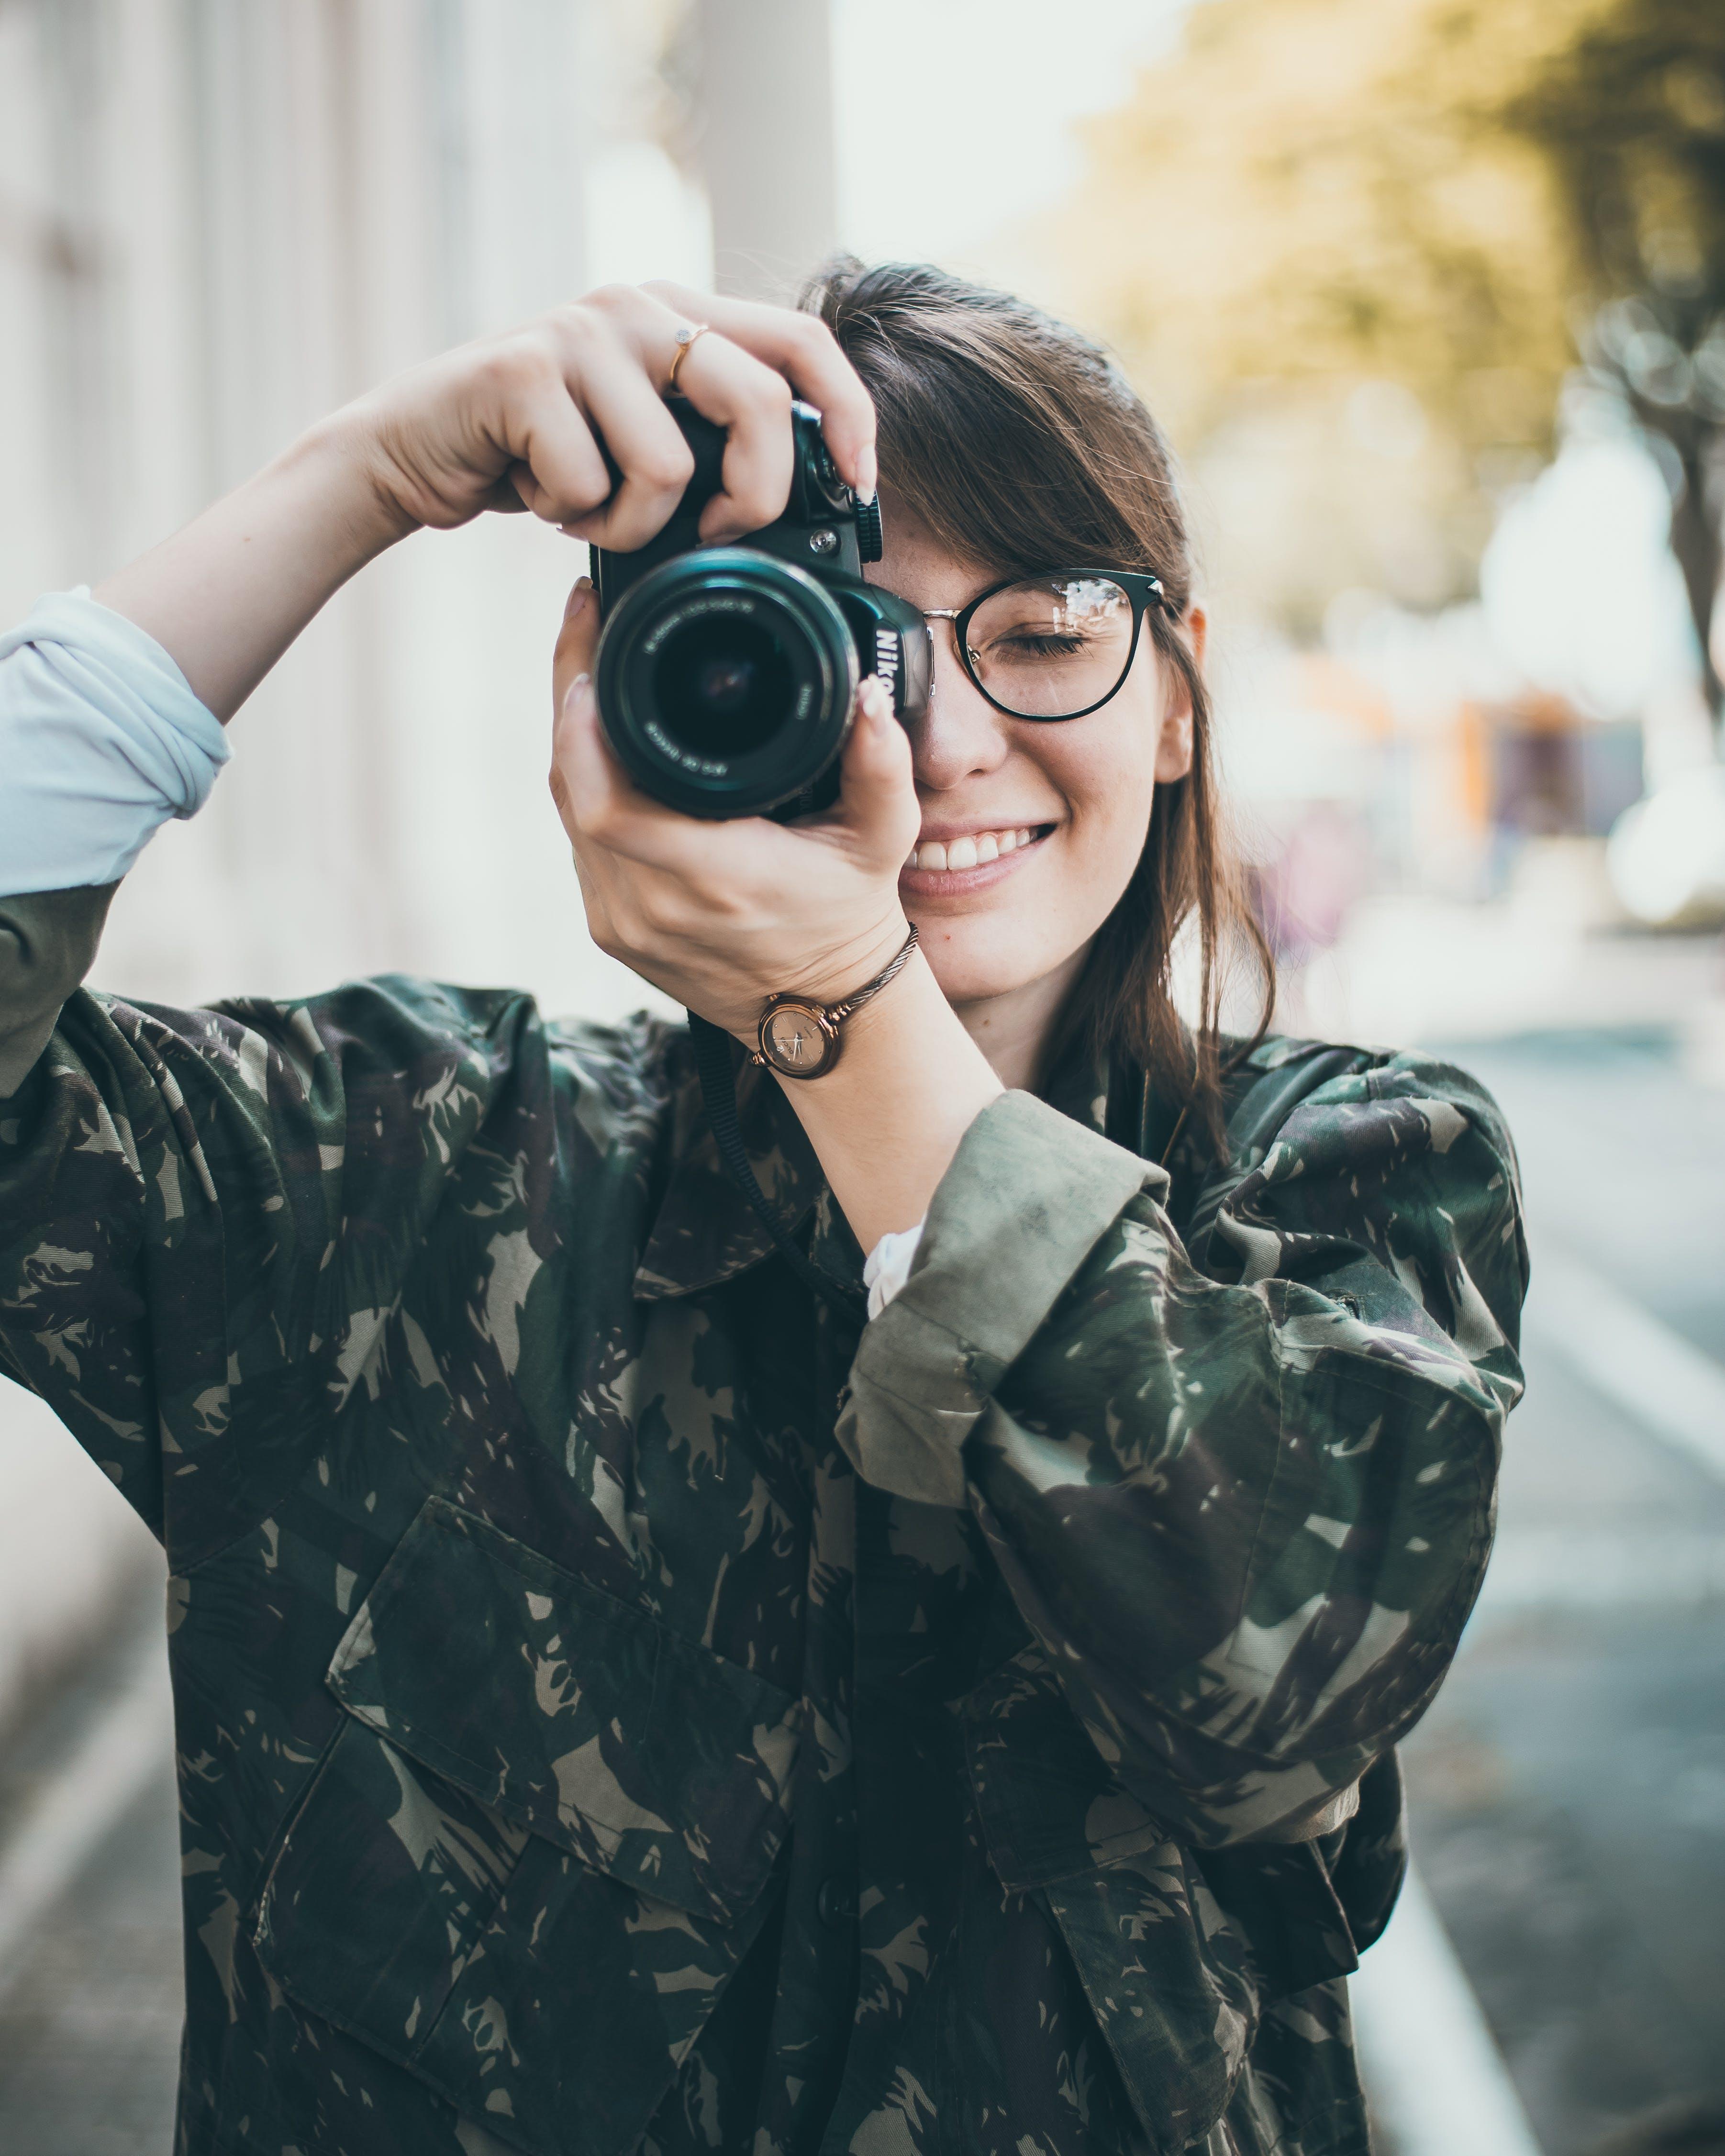 Kostenloses Stock Foto zu foto machen, frau, hübsch, kamera